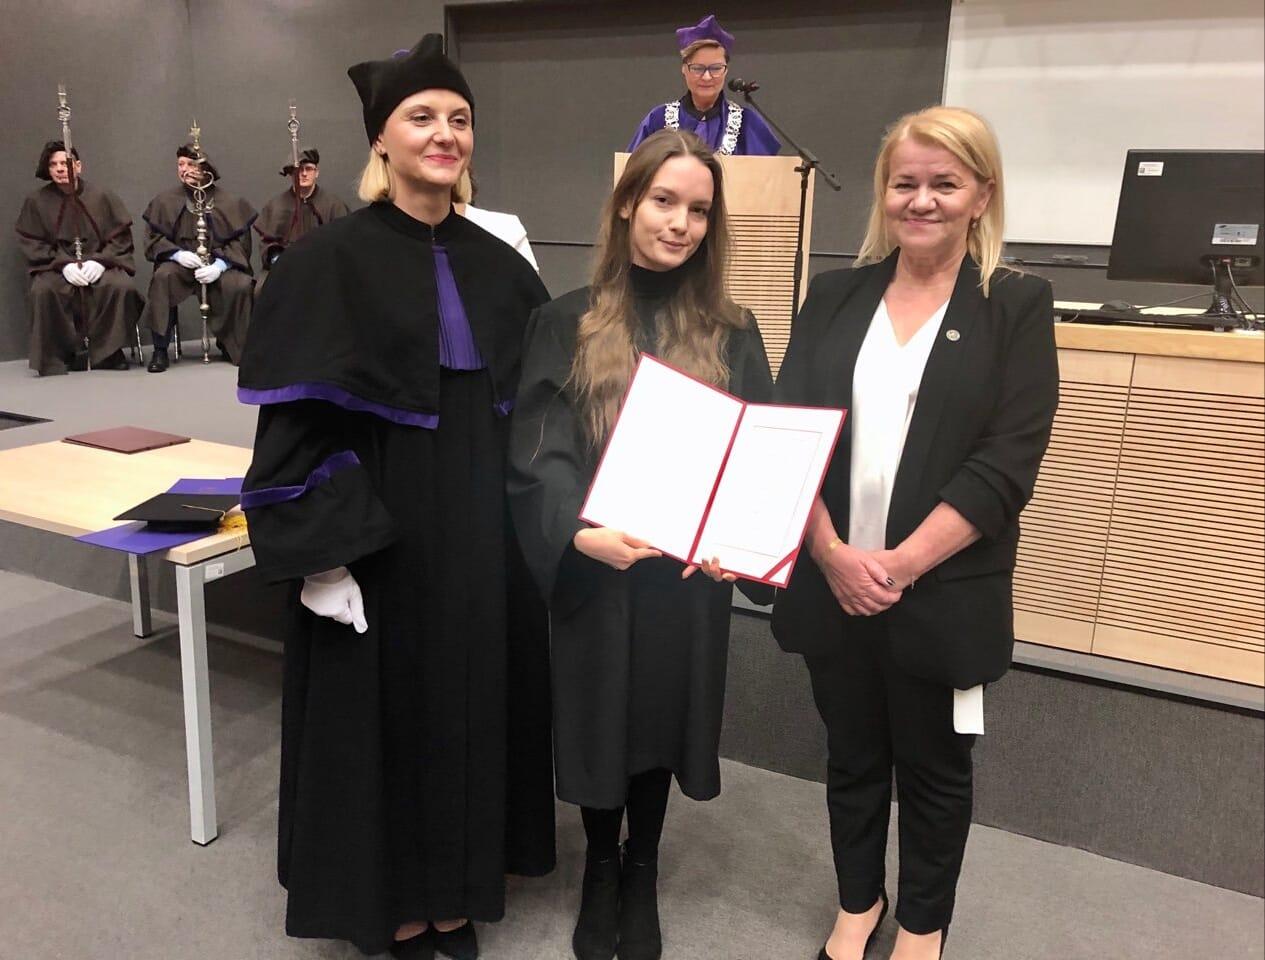 W dniu 8 listopada 2019 r. odbyło się Dyplomatorium absolwentów analityki medycznej Uniwersytetu Medycznego we Wrocławiu.